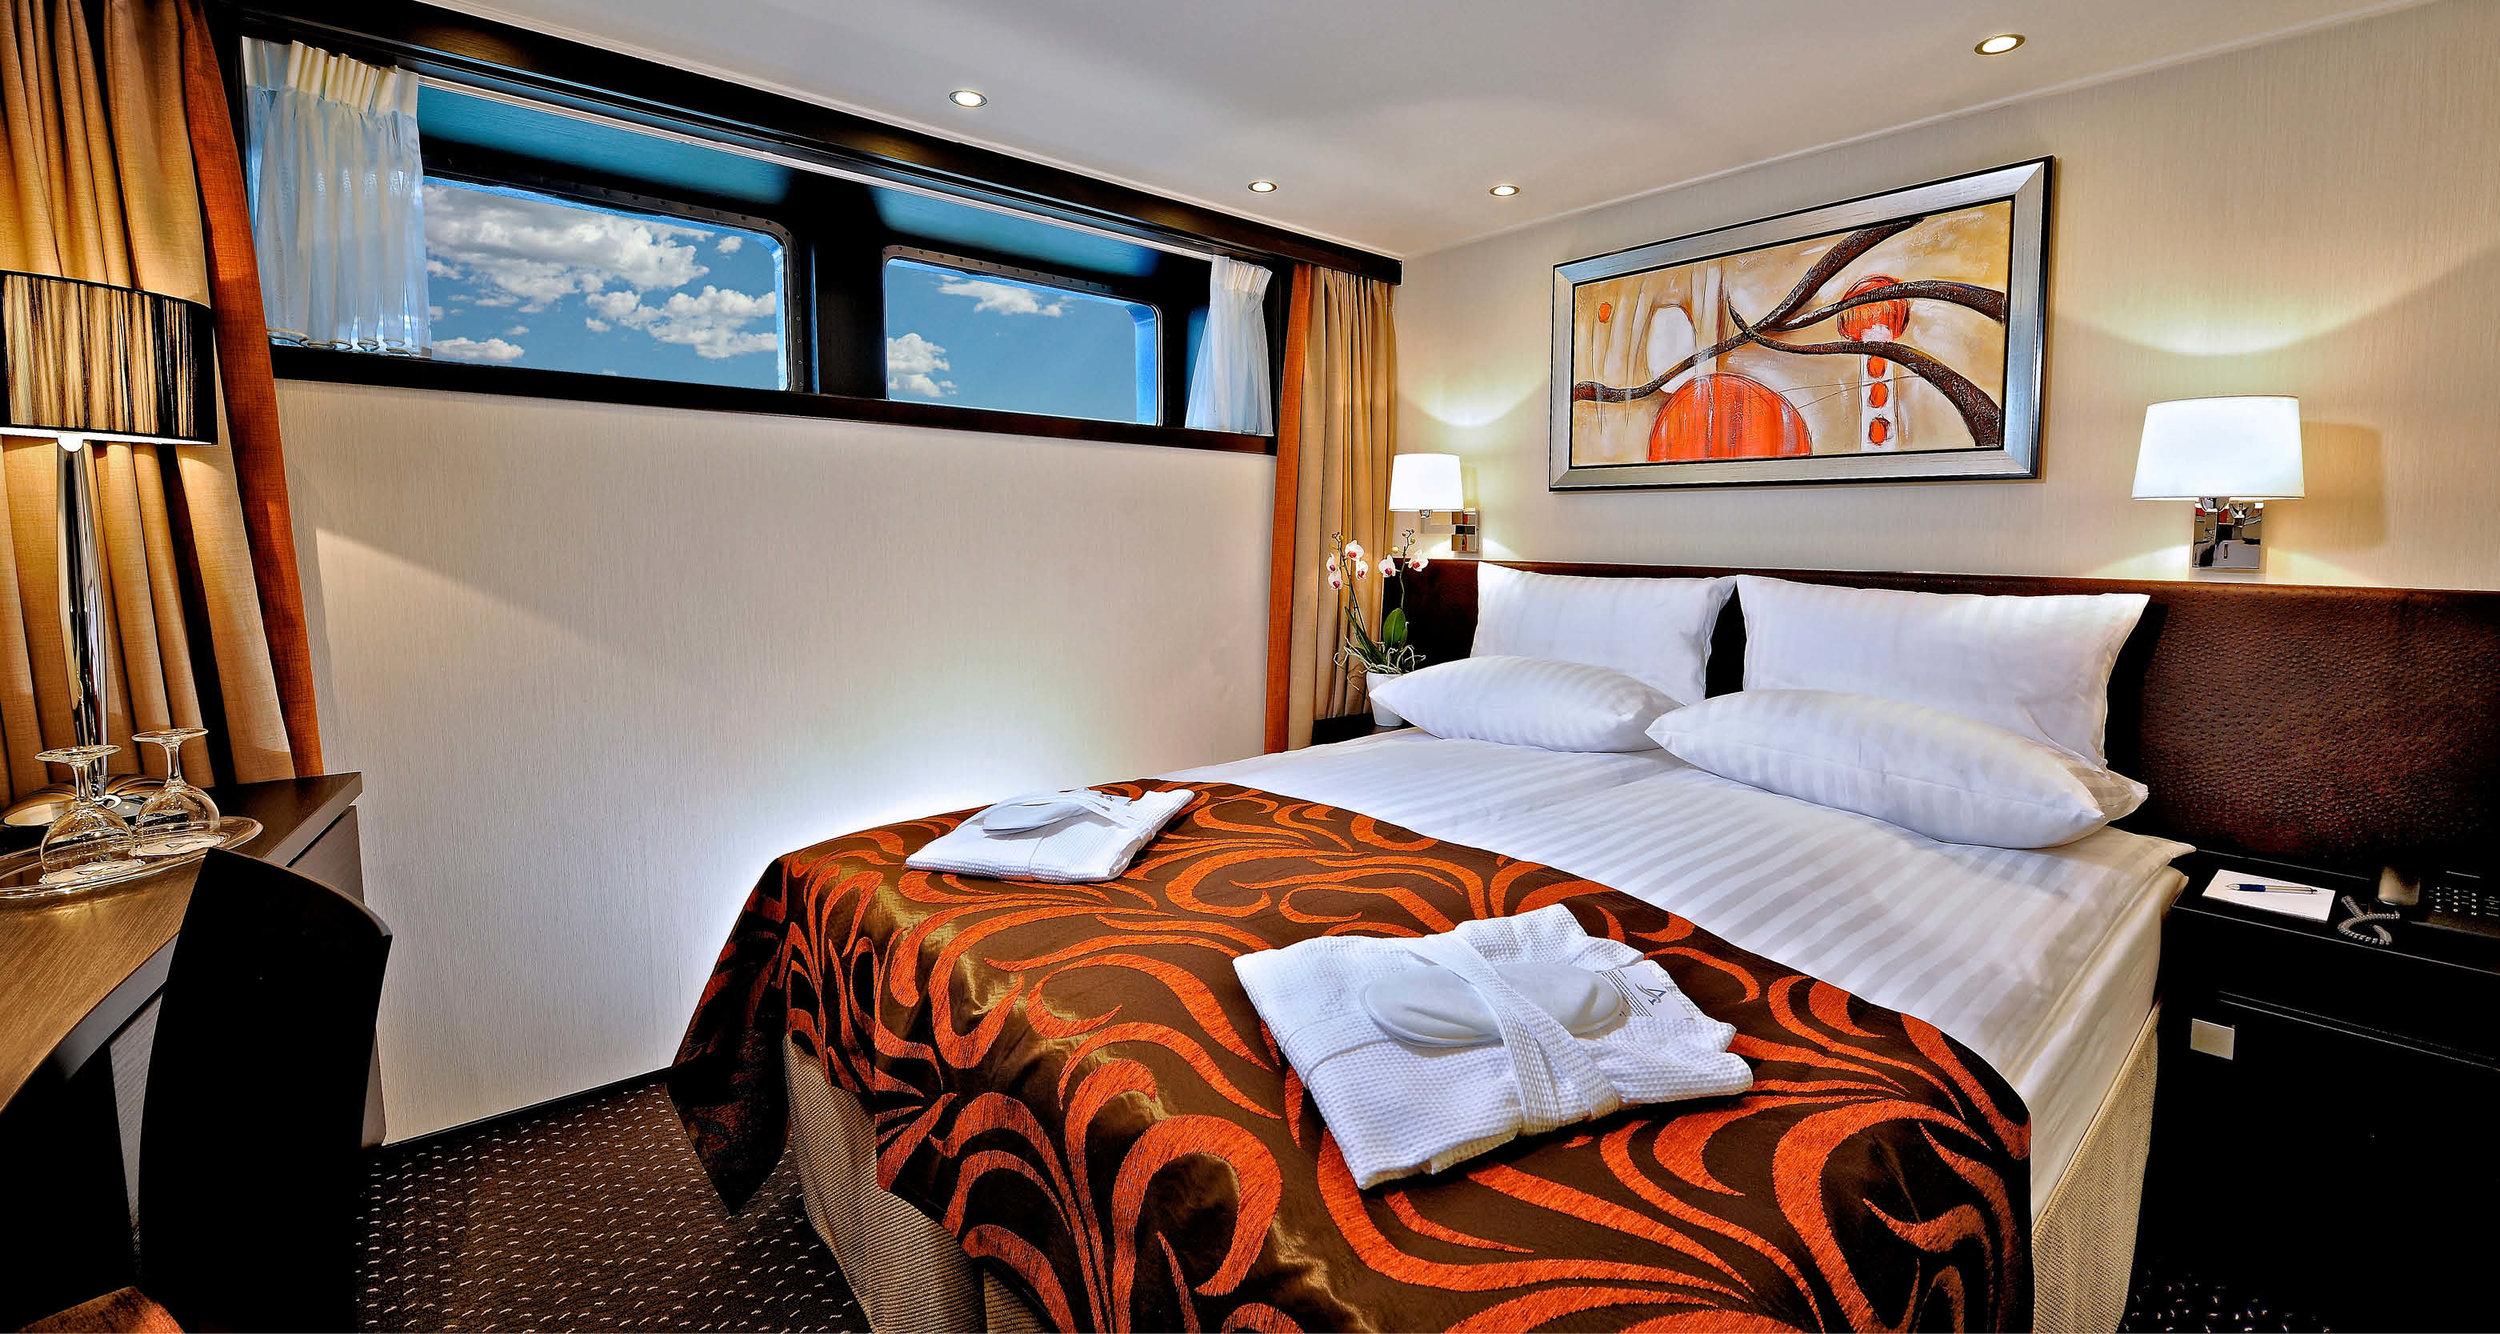 Dream-Maker-Travel-Ship-Avalon-Tranquility-II-Room.jpg